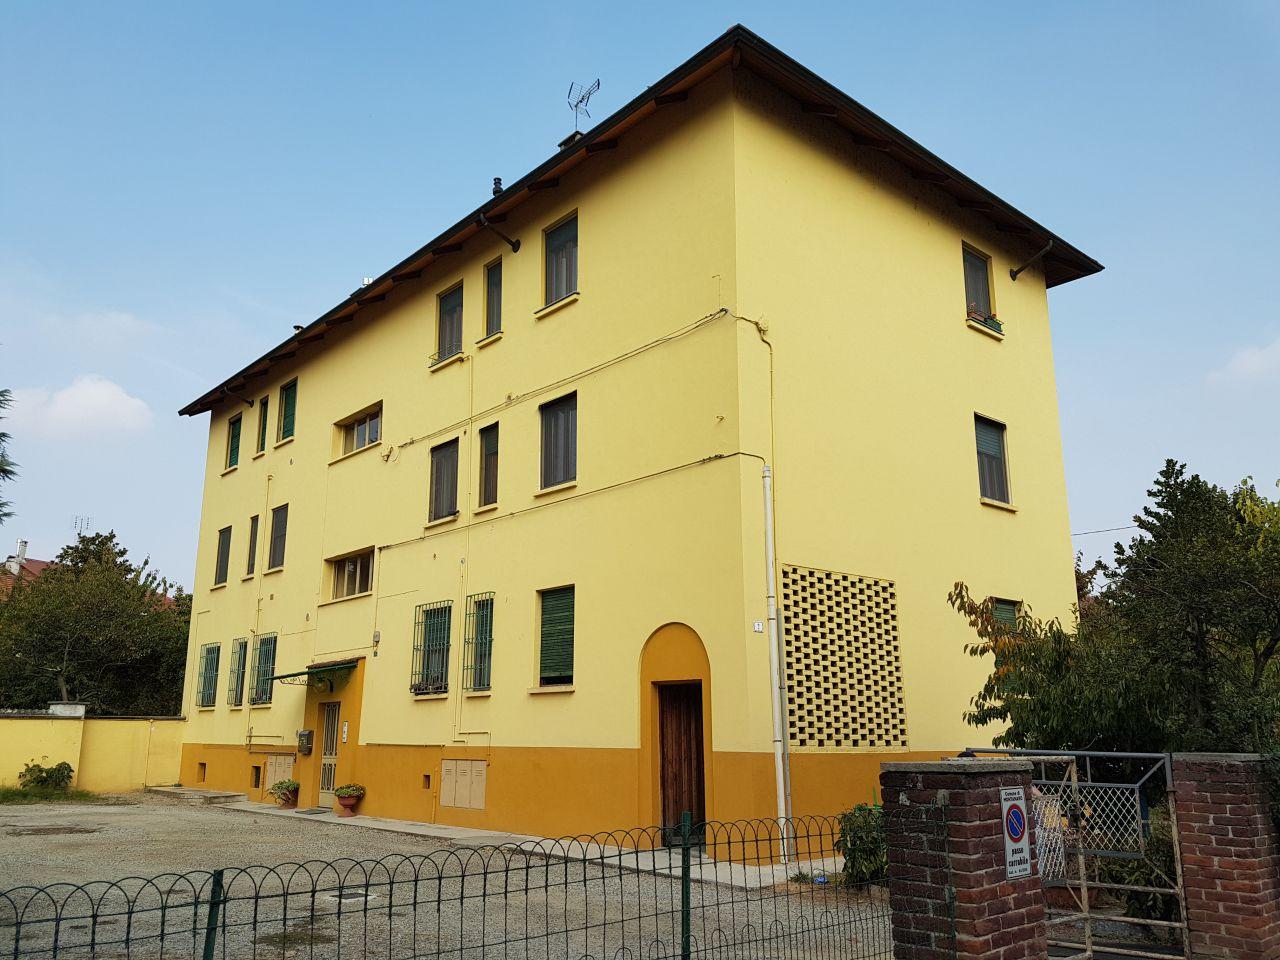 Appartamento in vendita a Montanaro, 4 locali, prezzo € 75.000 | CambioCasa.it